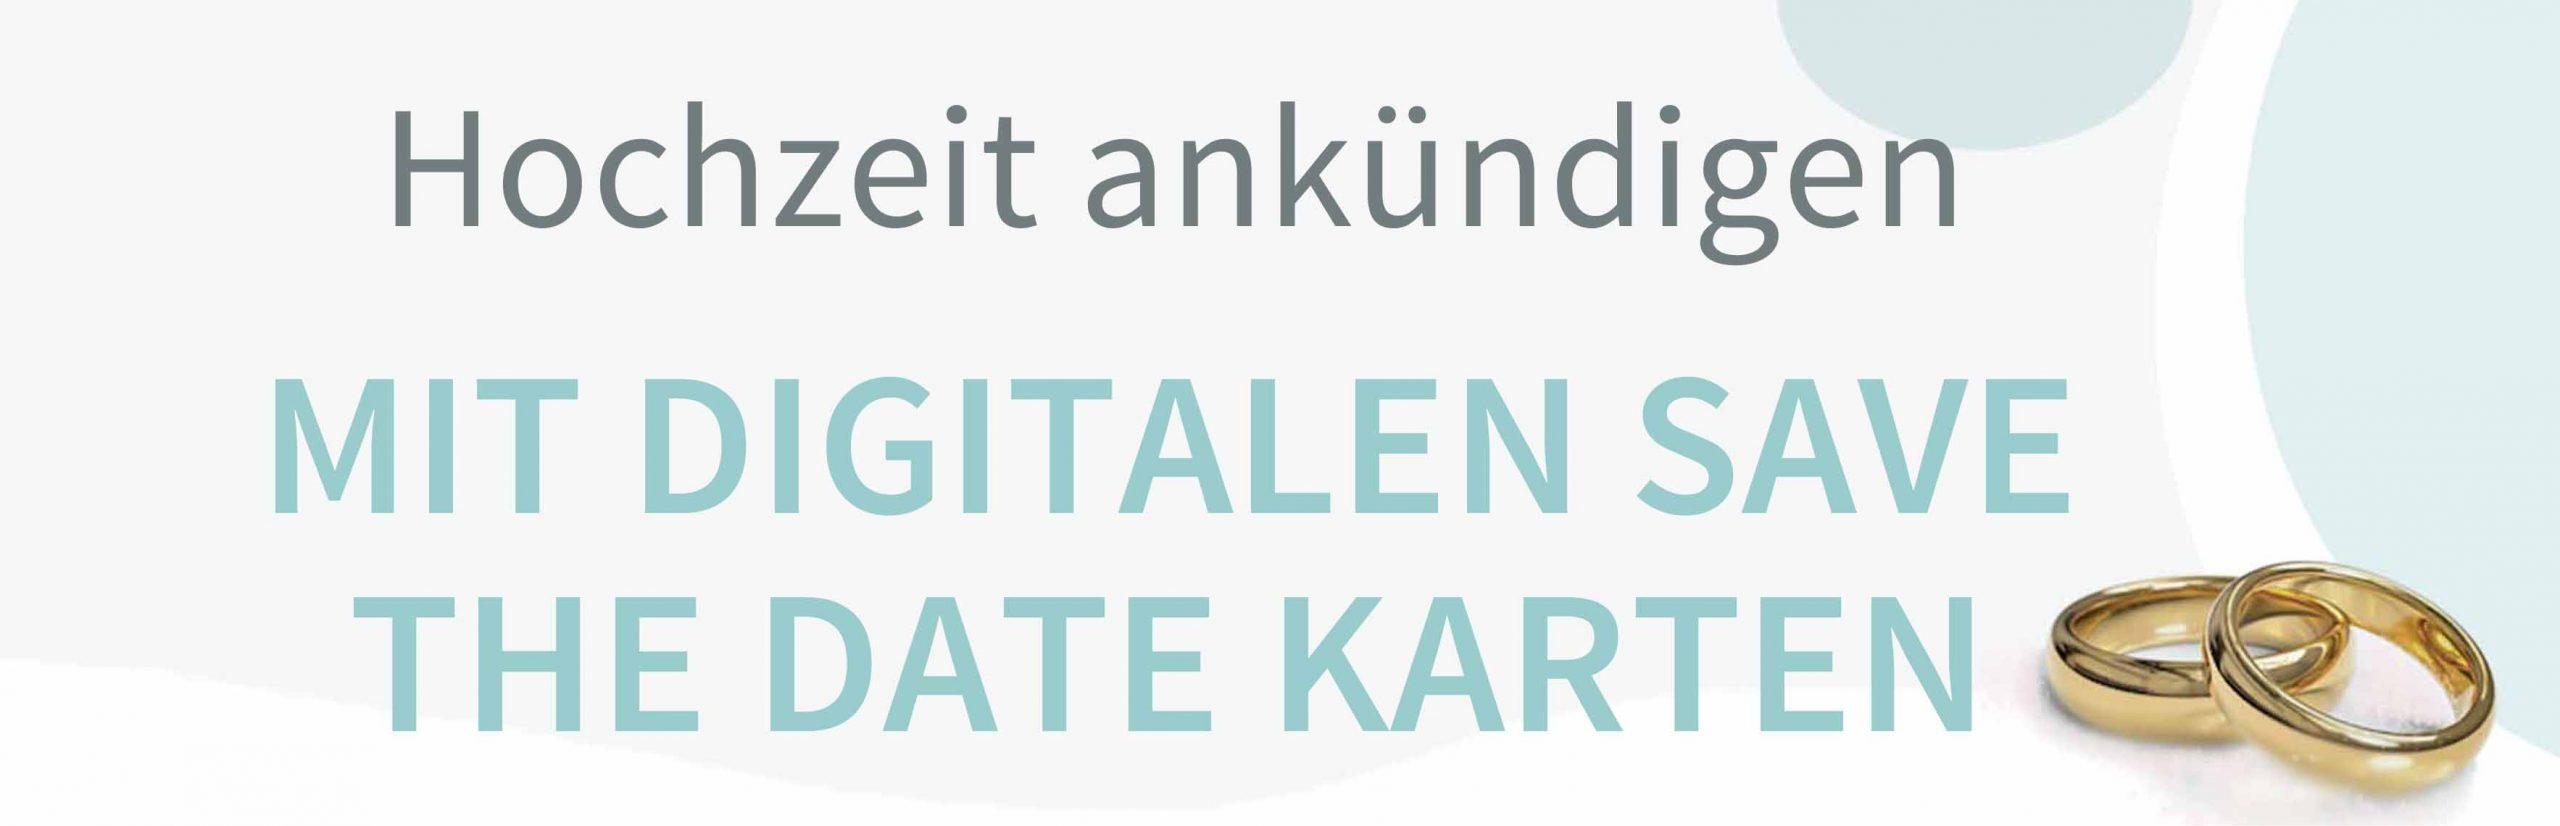 Vorlagen für digitale Save the Date Karten um die Hochzeit anzukündigen